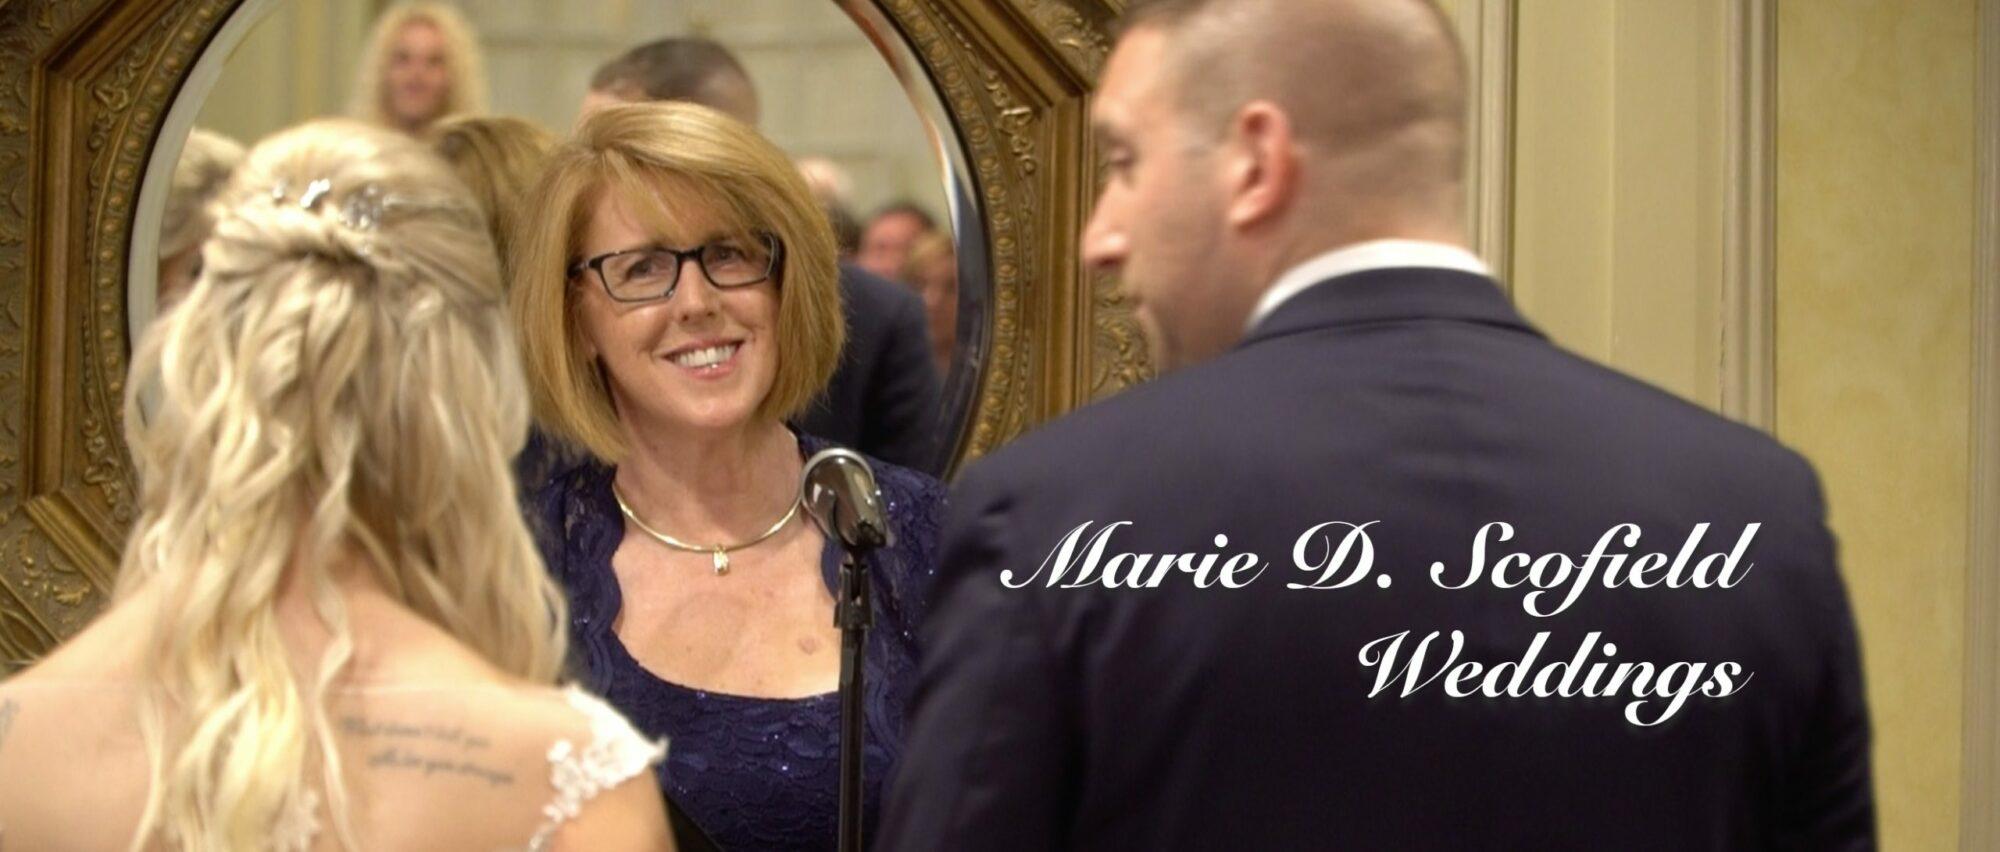 78-Wedding-Officiant-NJ-Marie-Scofield